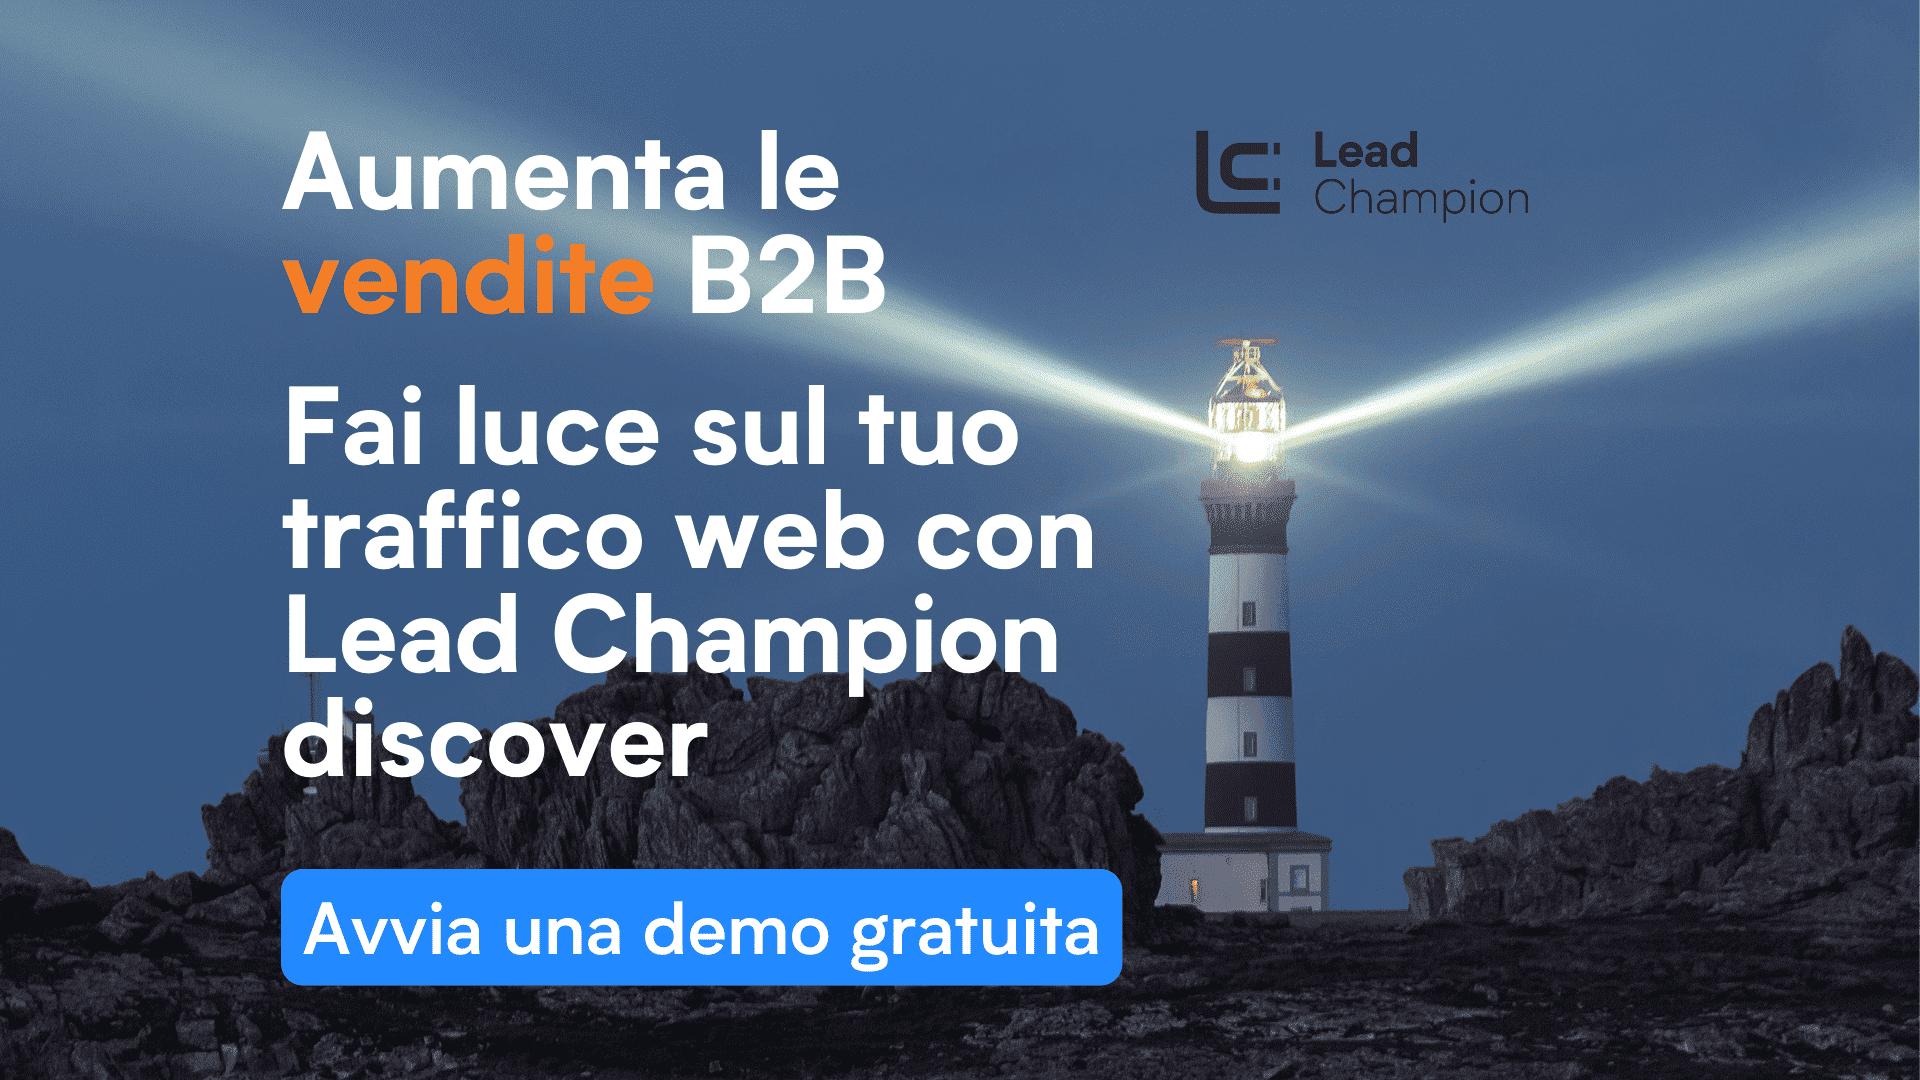 Aumenta le tue vendite b2b fai luce sul tuo traffico web con lead champion discover